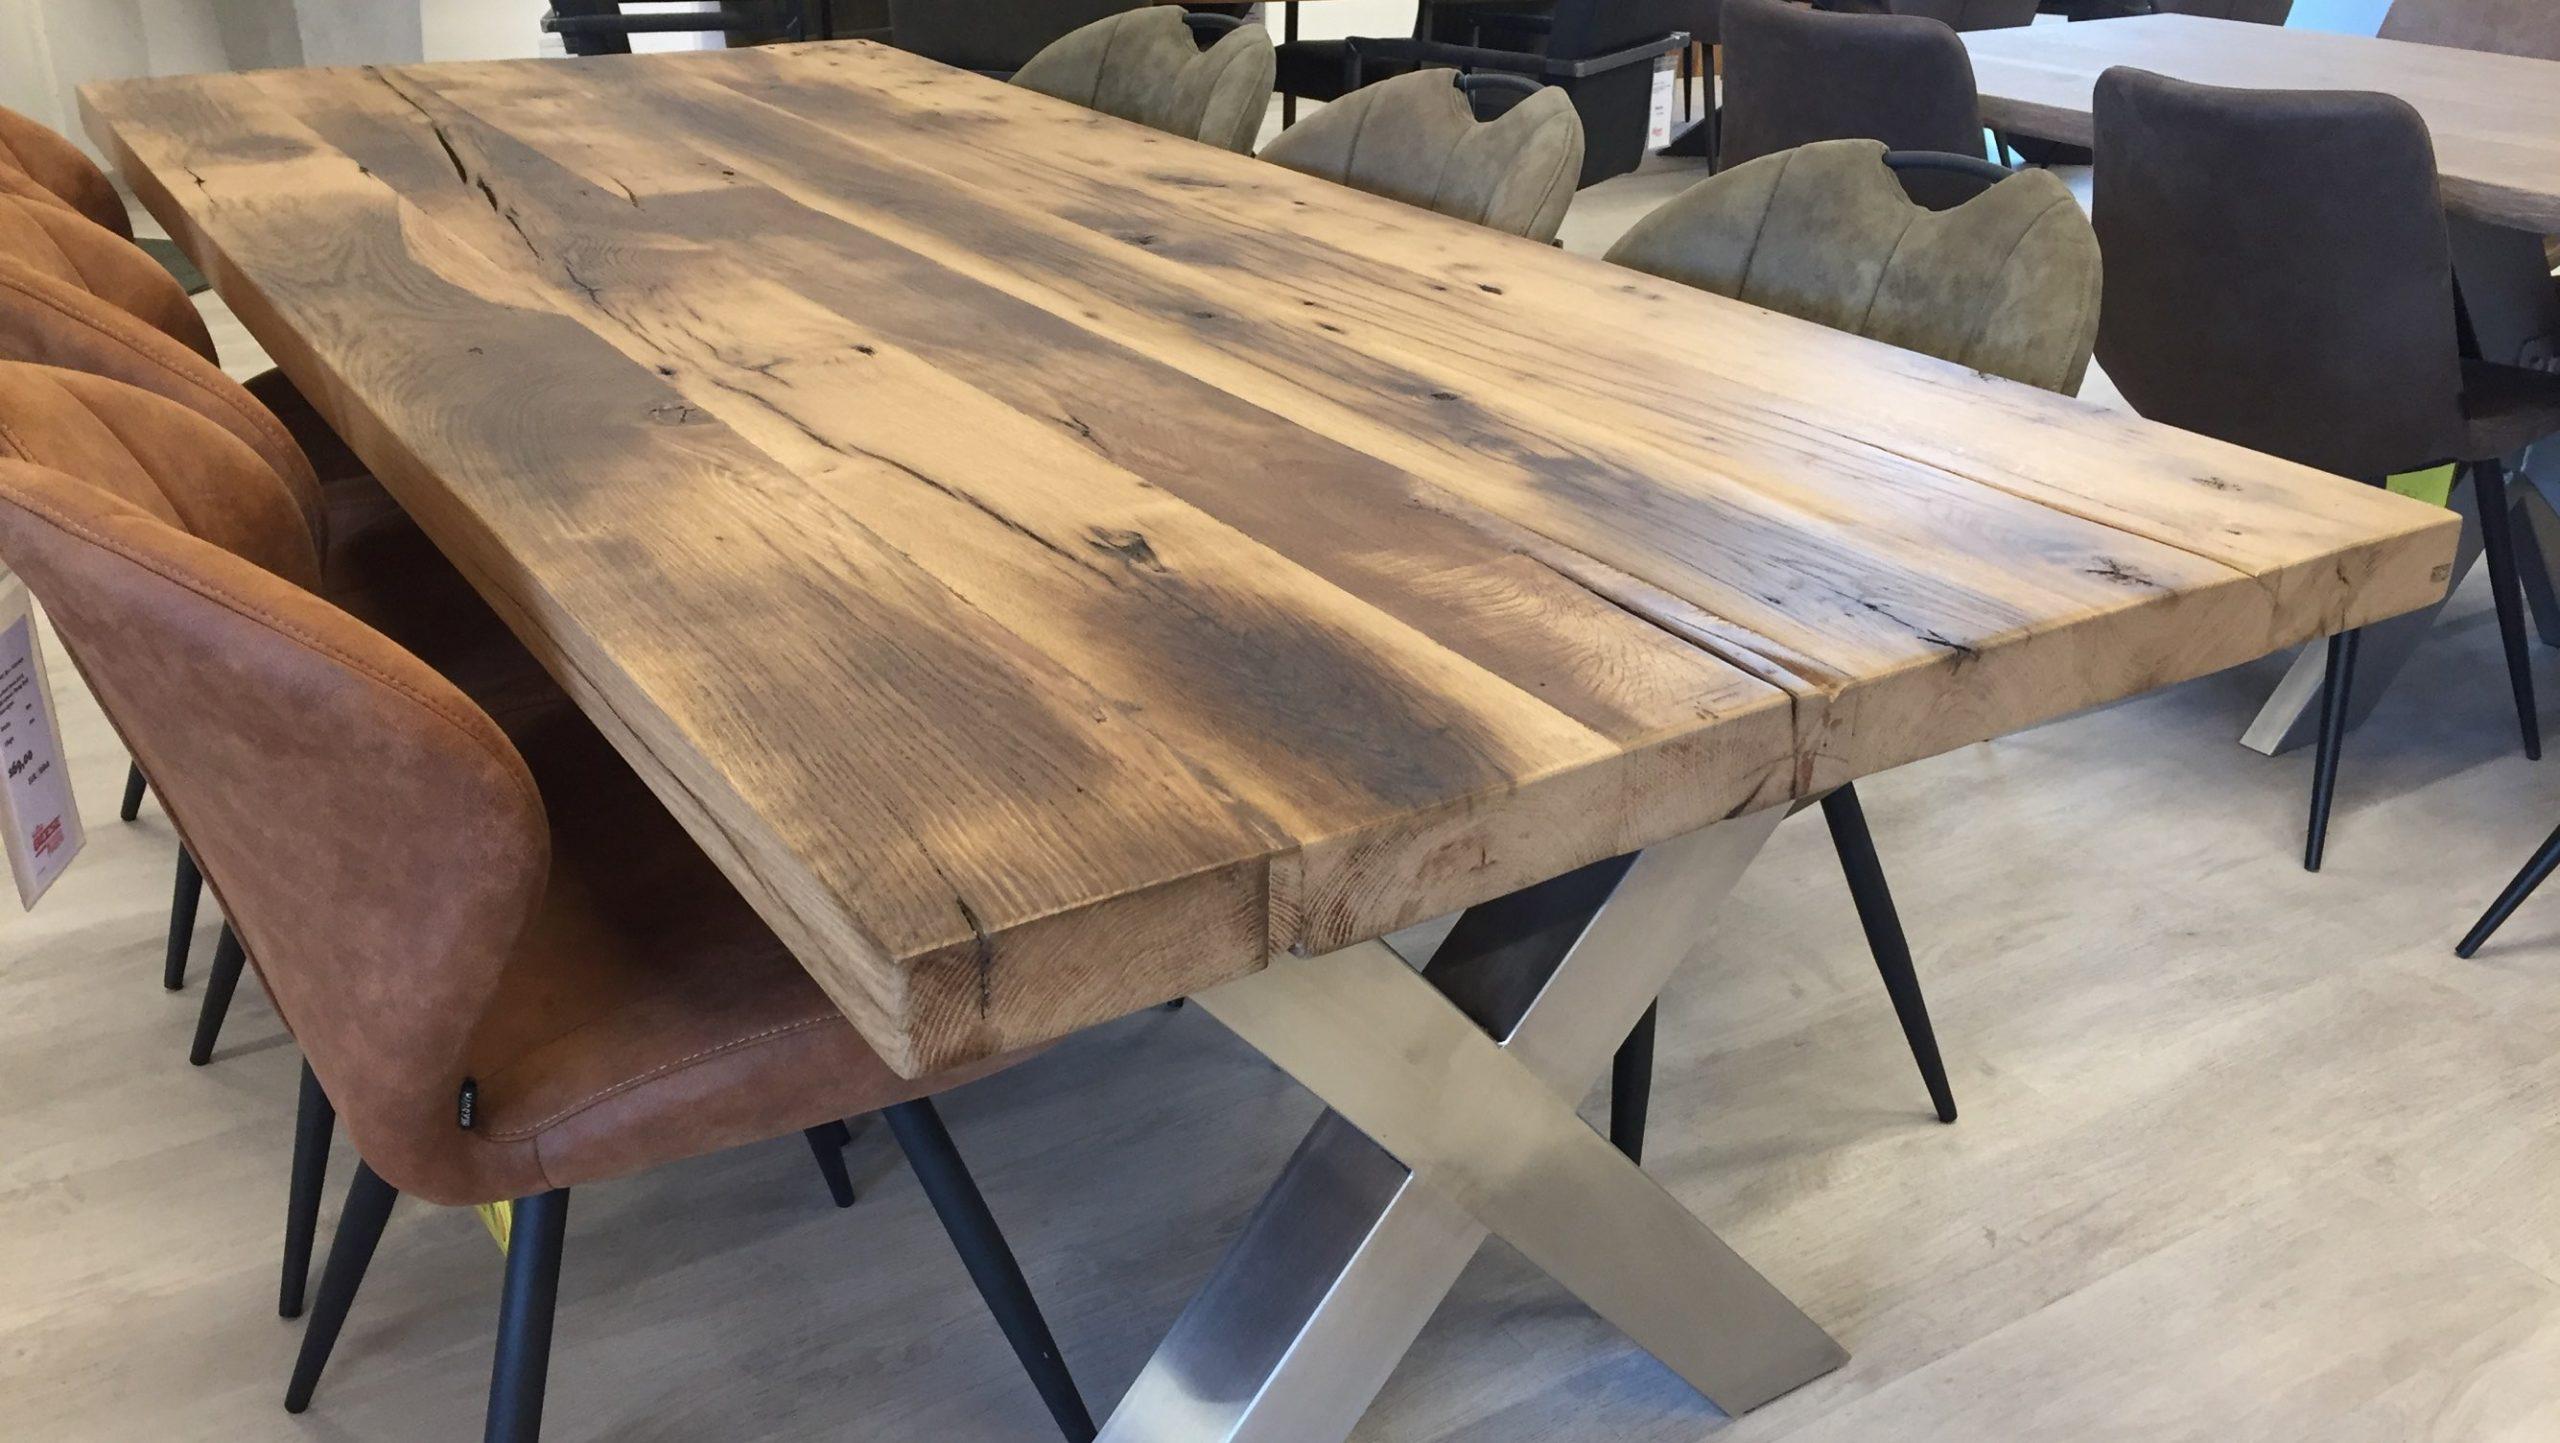 Holztisch für jeden Raum | HolzLand Beese in Unna bei Dortmund